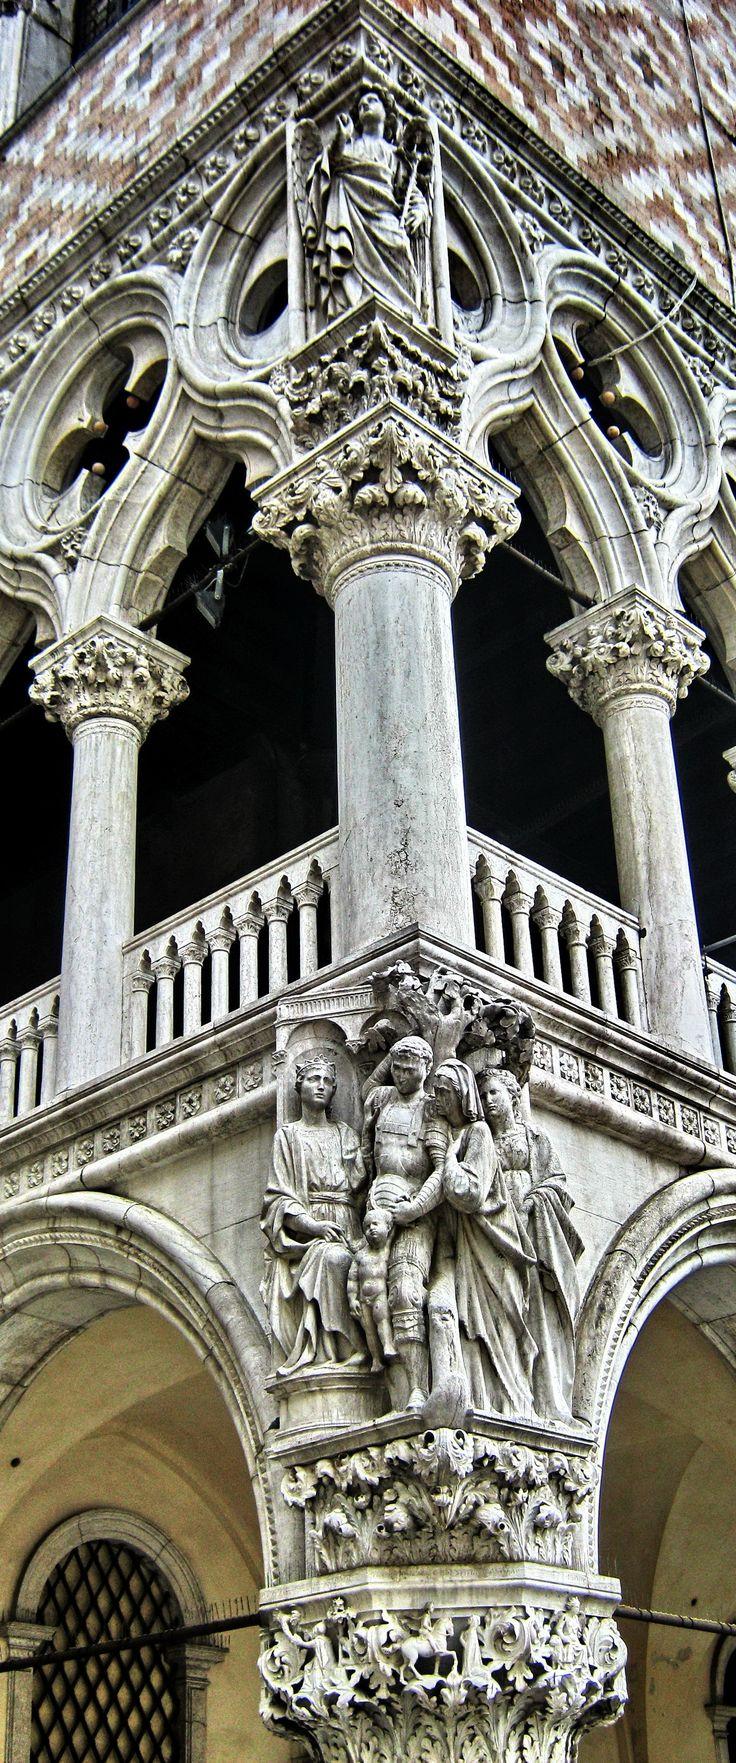 VENEZIA (Veneto) architecture ~ Italy by Guido Tosatto